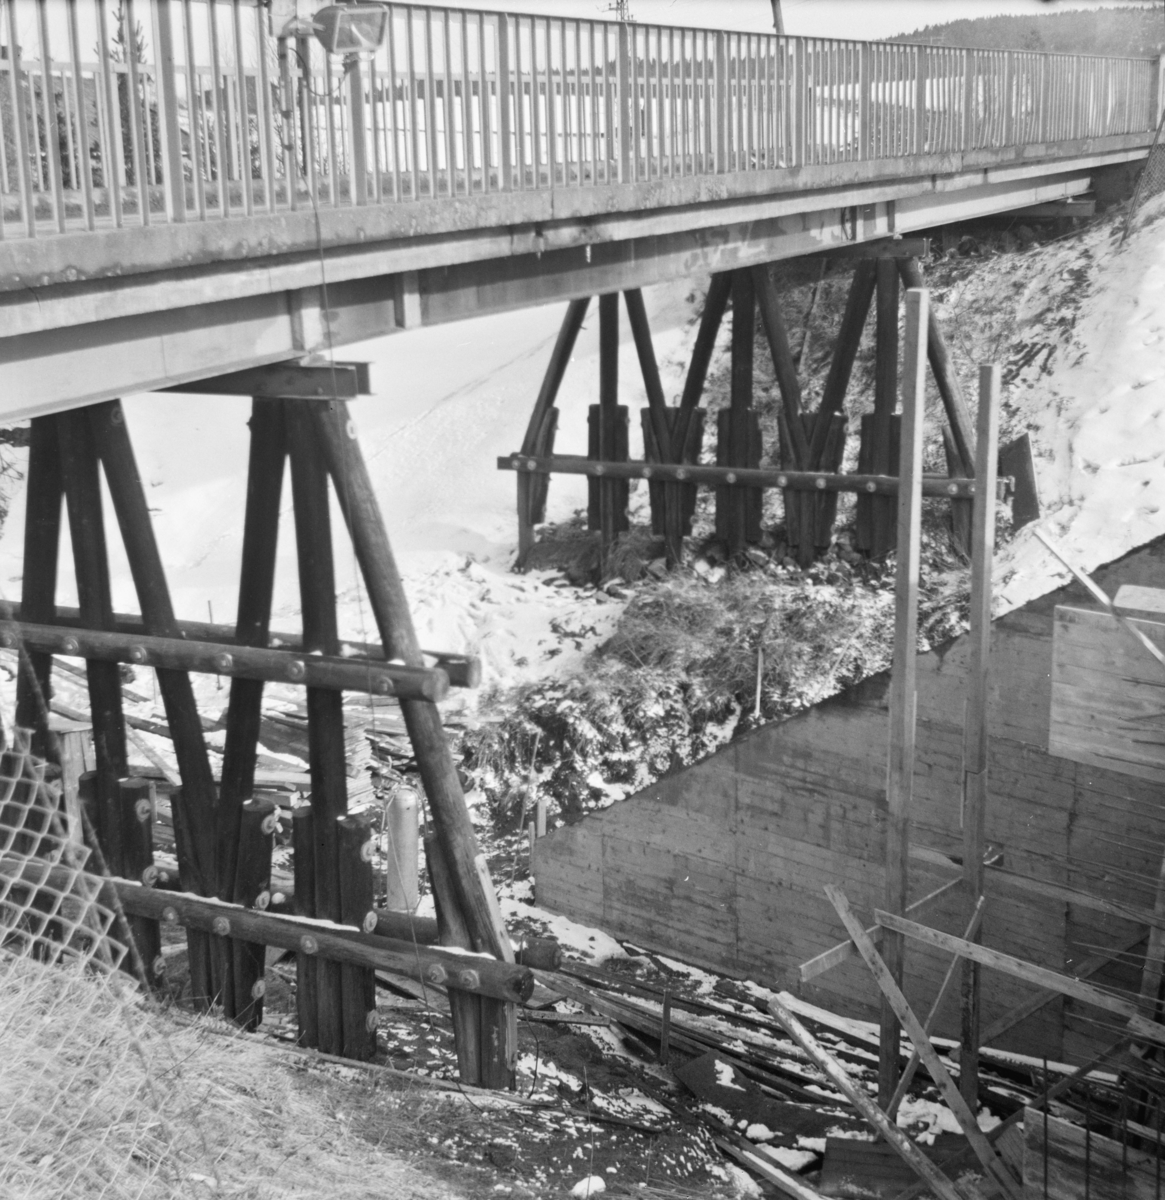 Fundamentene til den gamle riksveibroen over Urskog-Hølandsbanen ved Fyen, Sørumsand. Broen ble revet i september 1968, etter at riksveien var lagt om.